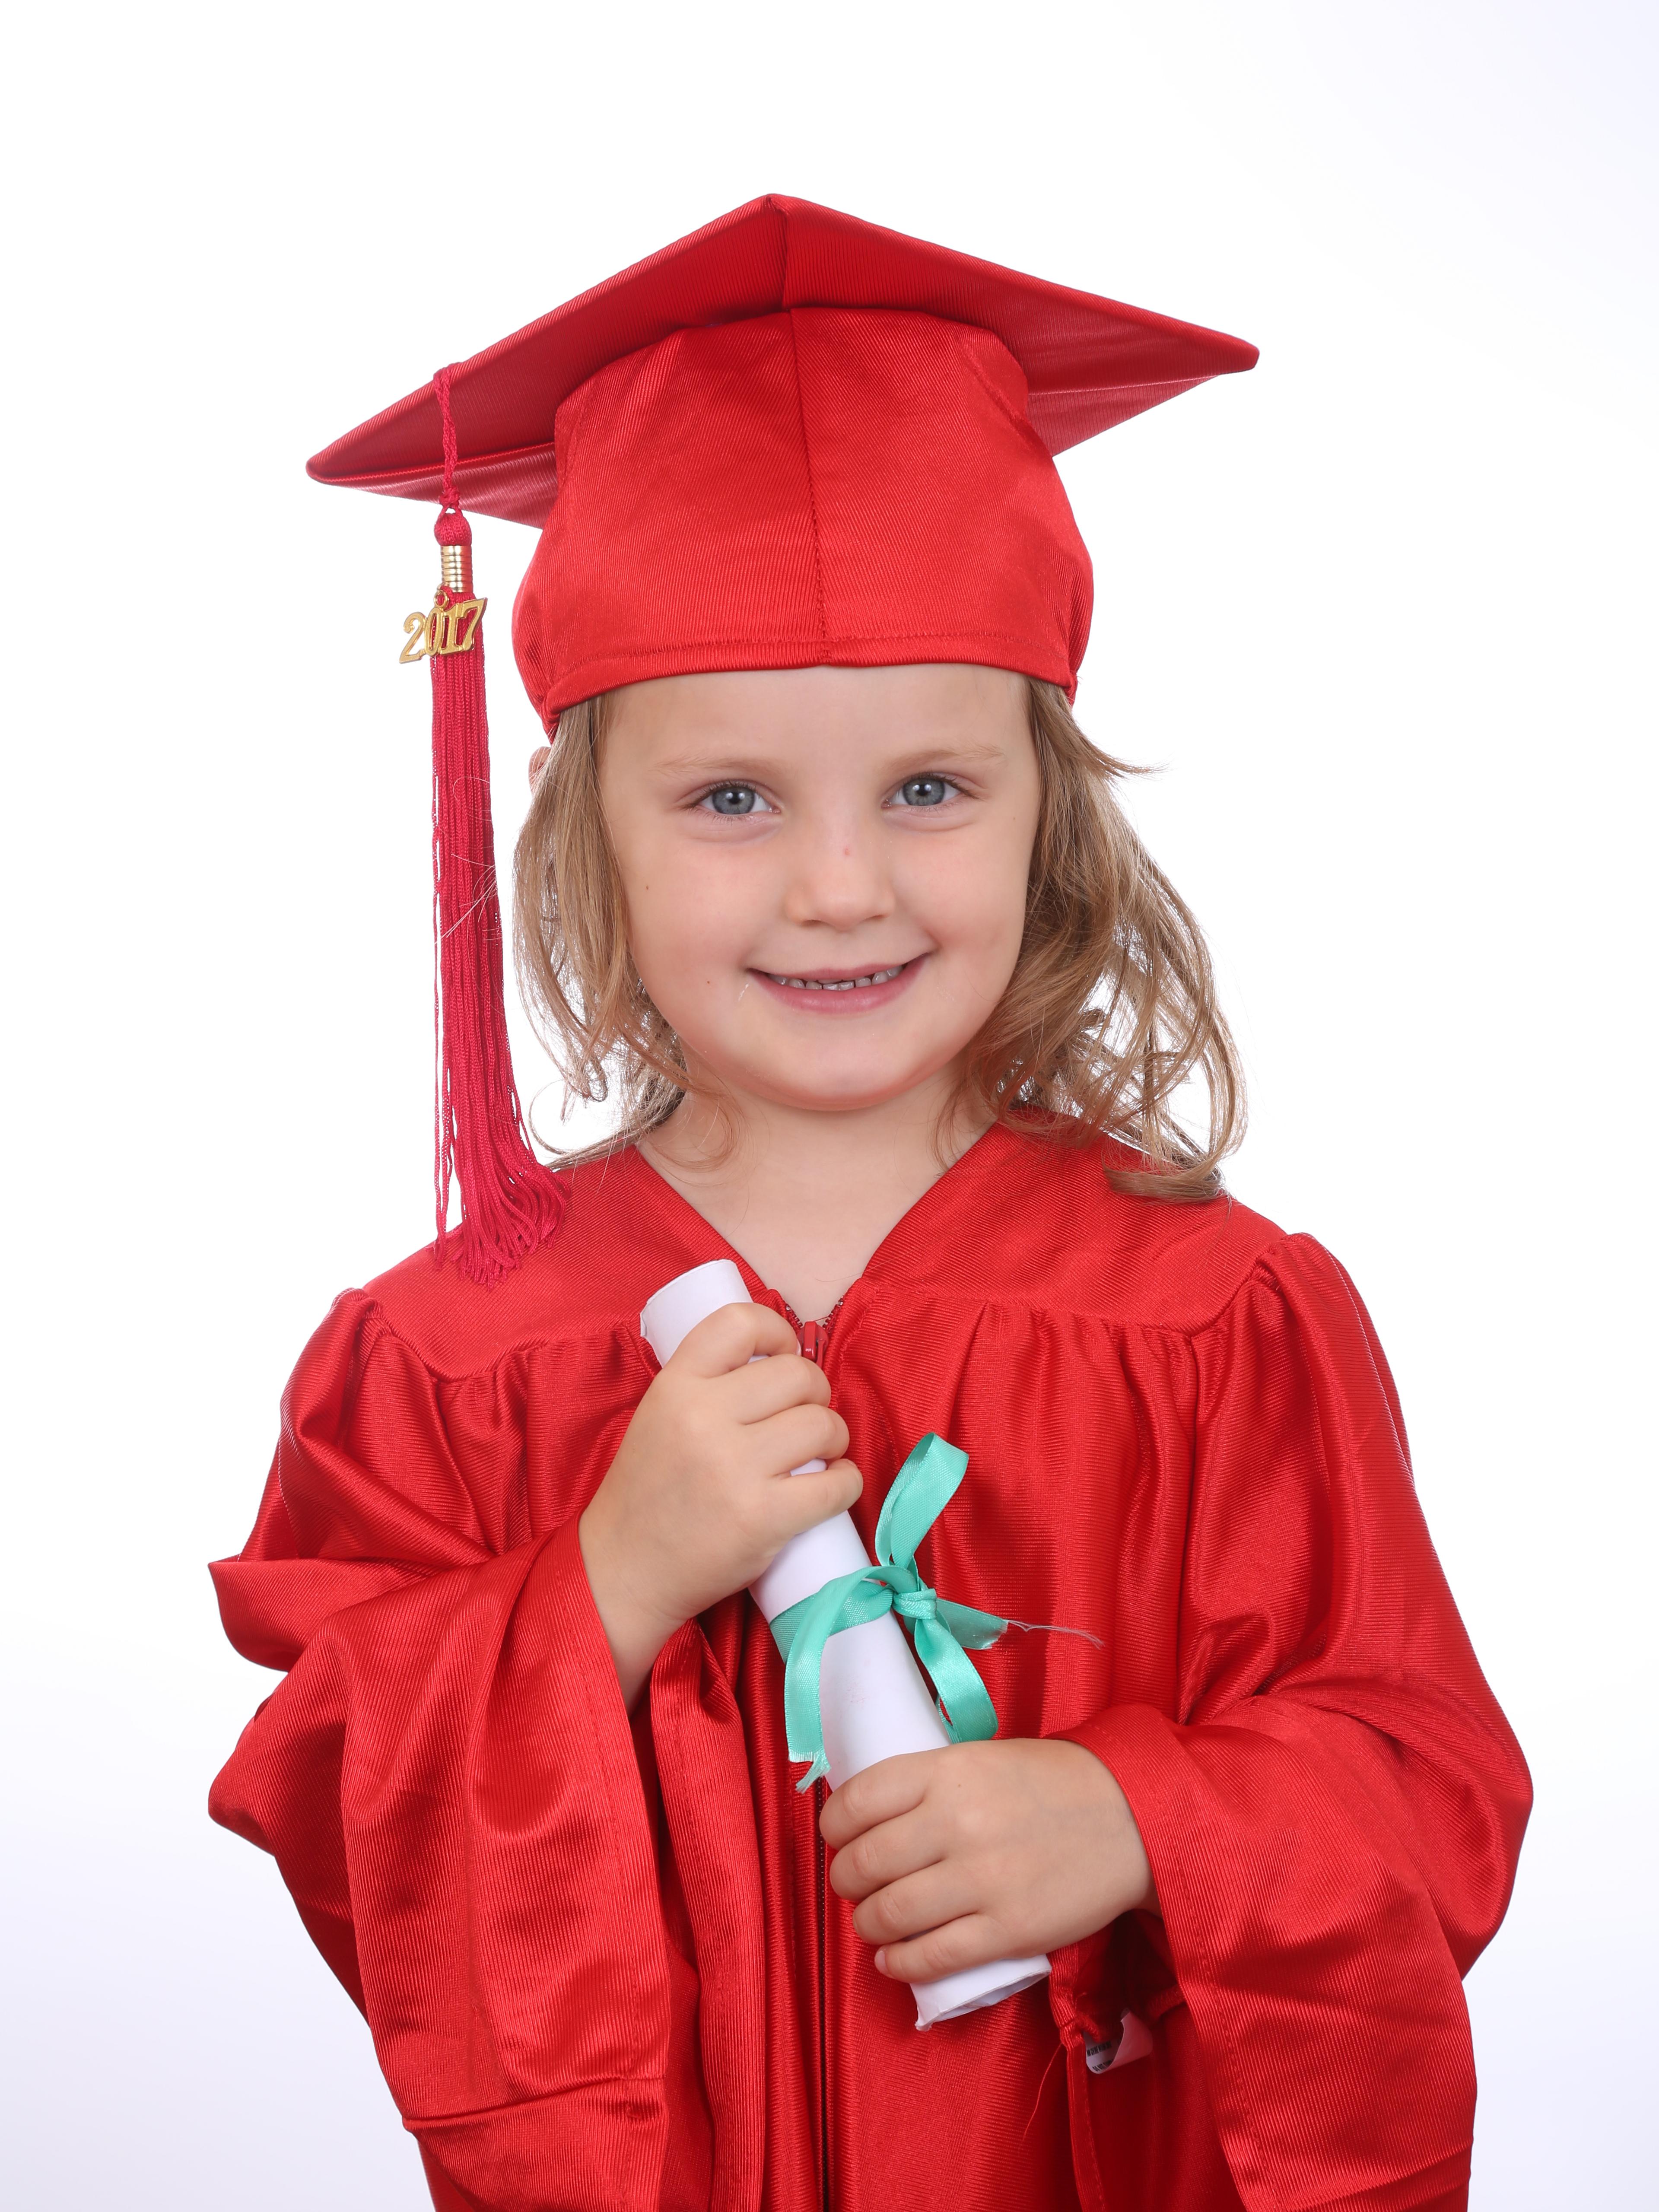 Child Graduation, Child, Children, Dress, Girl, HQ Photo